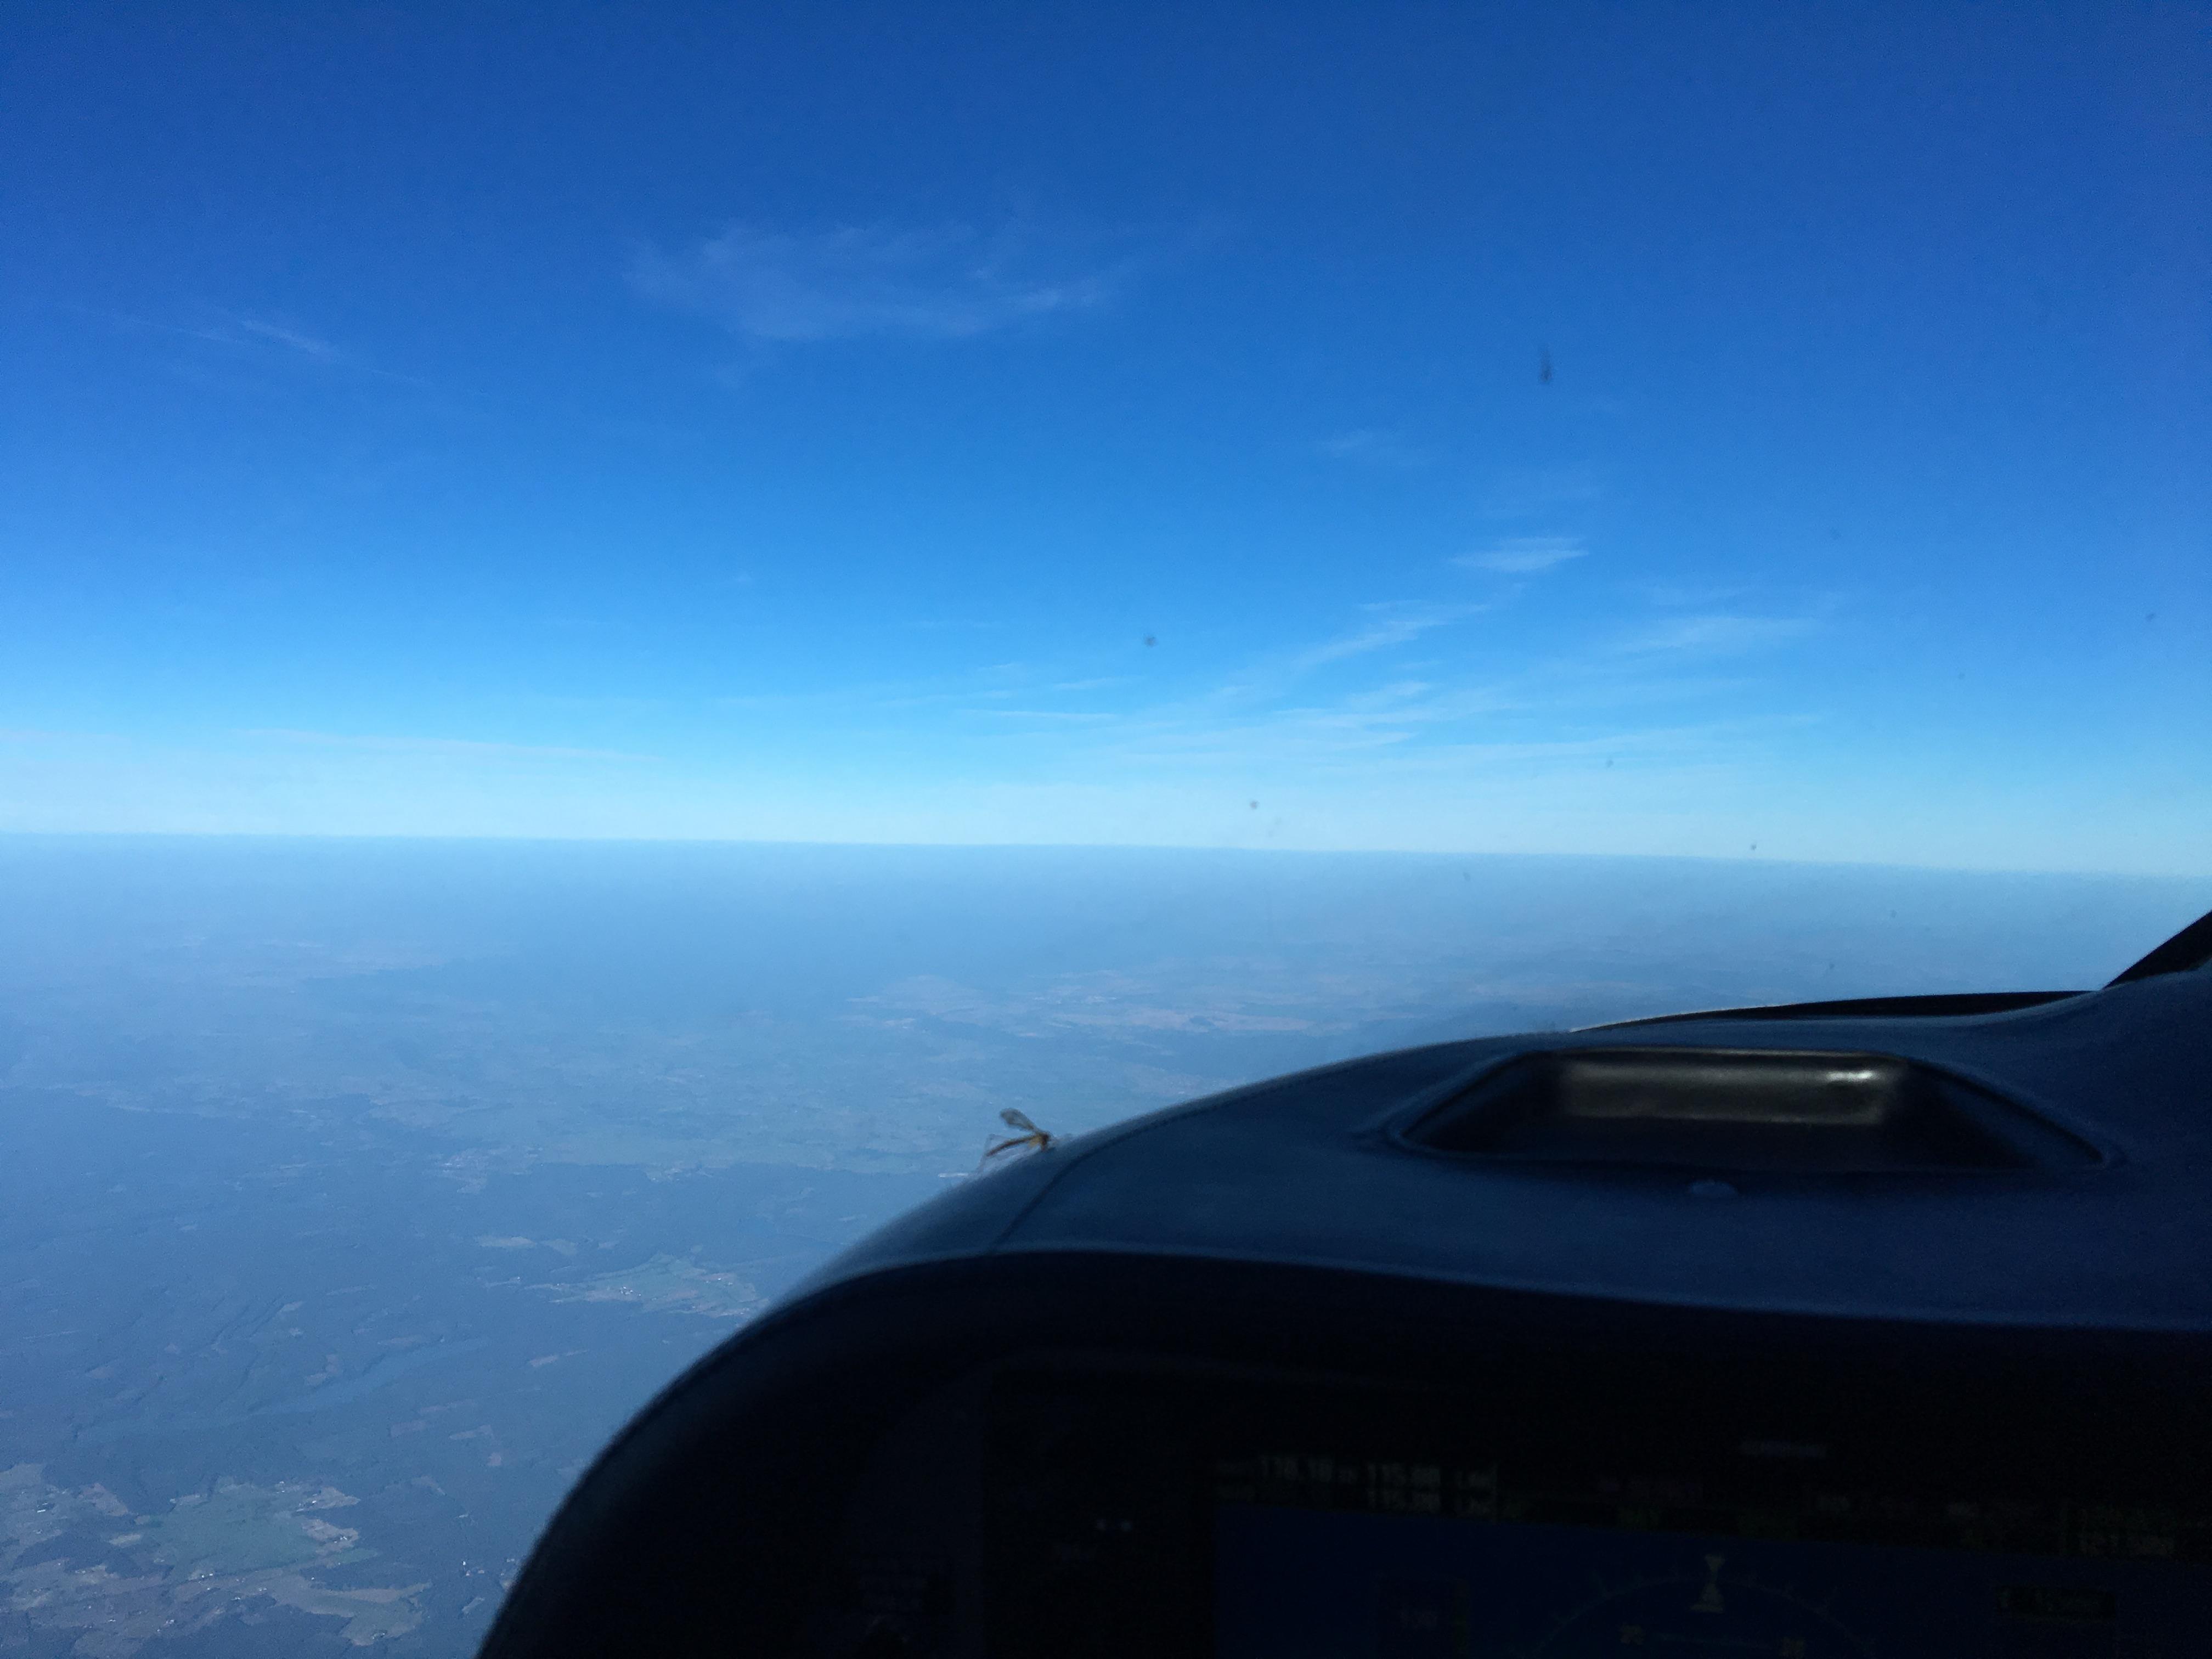 Zdjęcie przedstawia widok przez przednią szybę samolotu wykonującego przelot na FL120 w bezchmurny dzień.